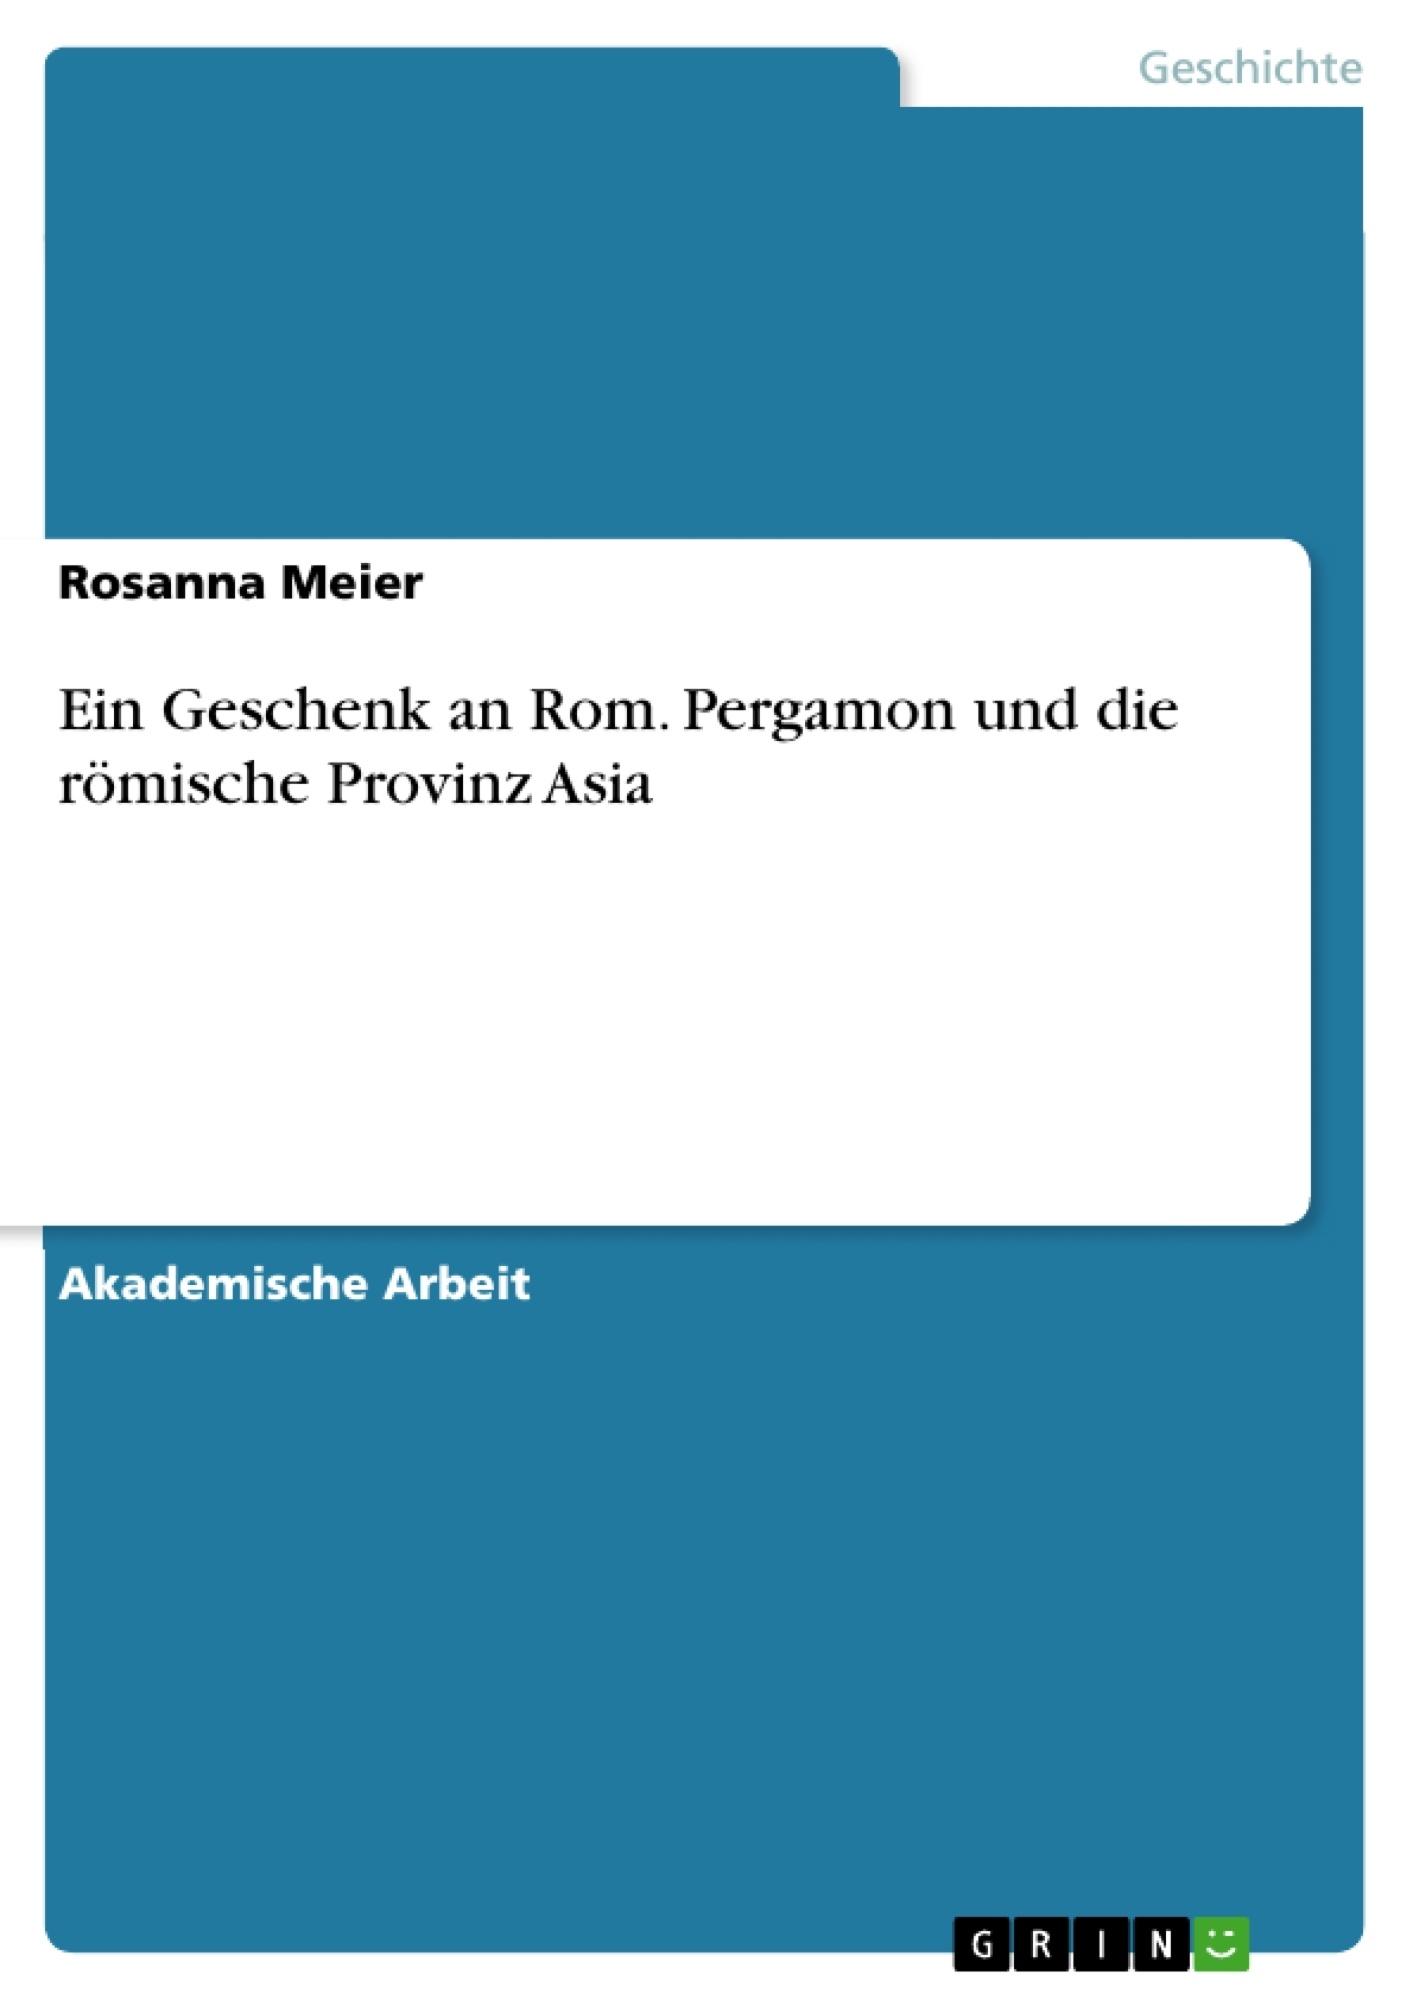 Titel: Ein Geschenk an Rom. Pergamon und die römische Provinz Asia